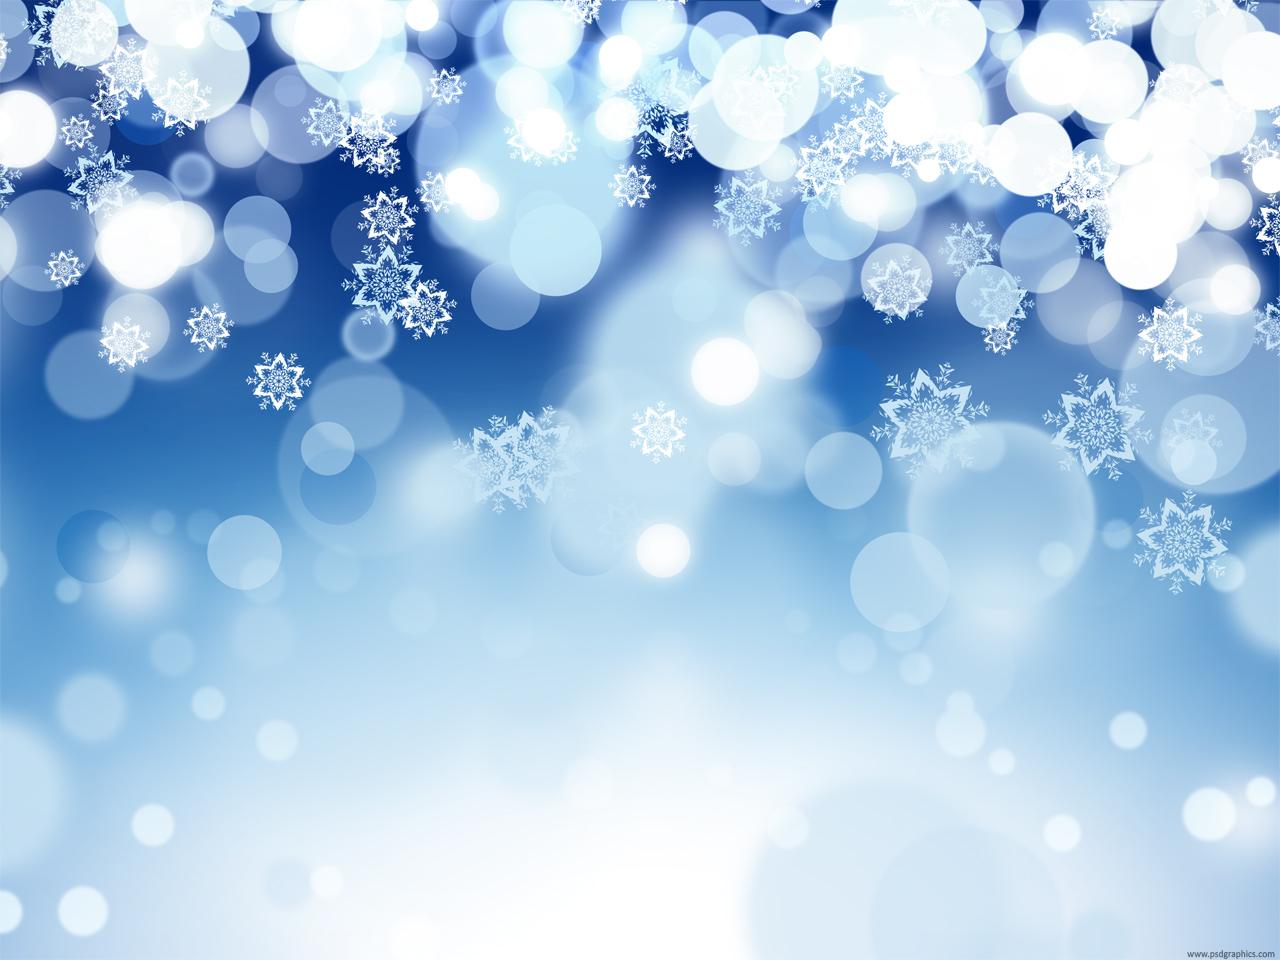 abstract hd holiday image